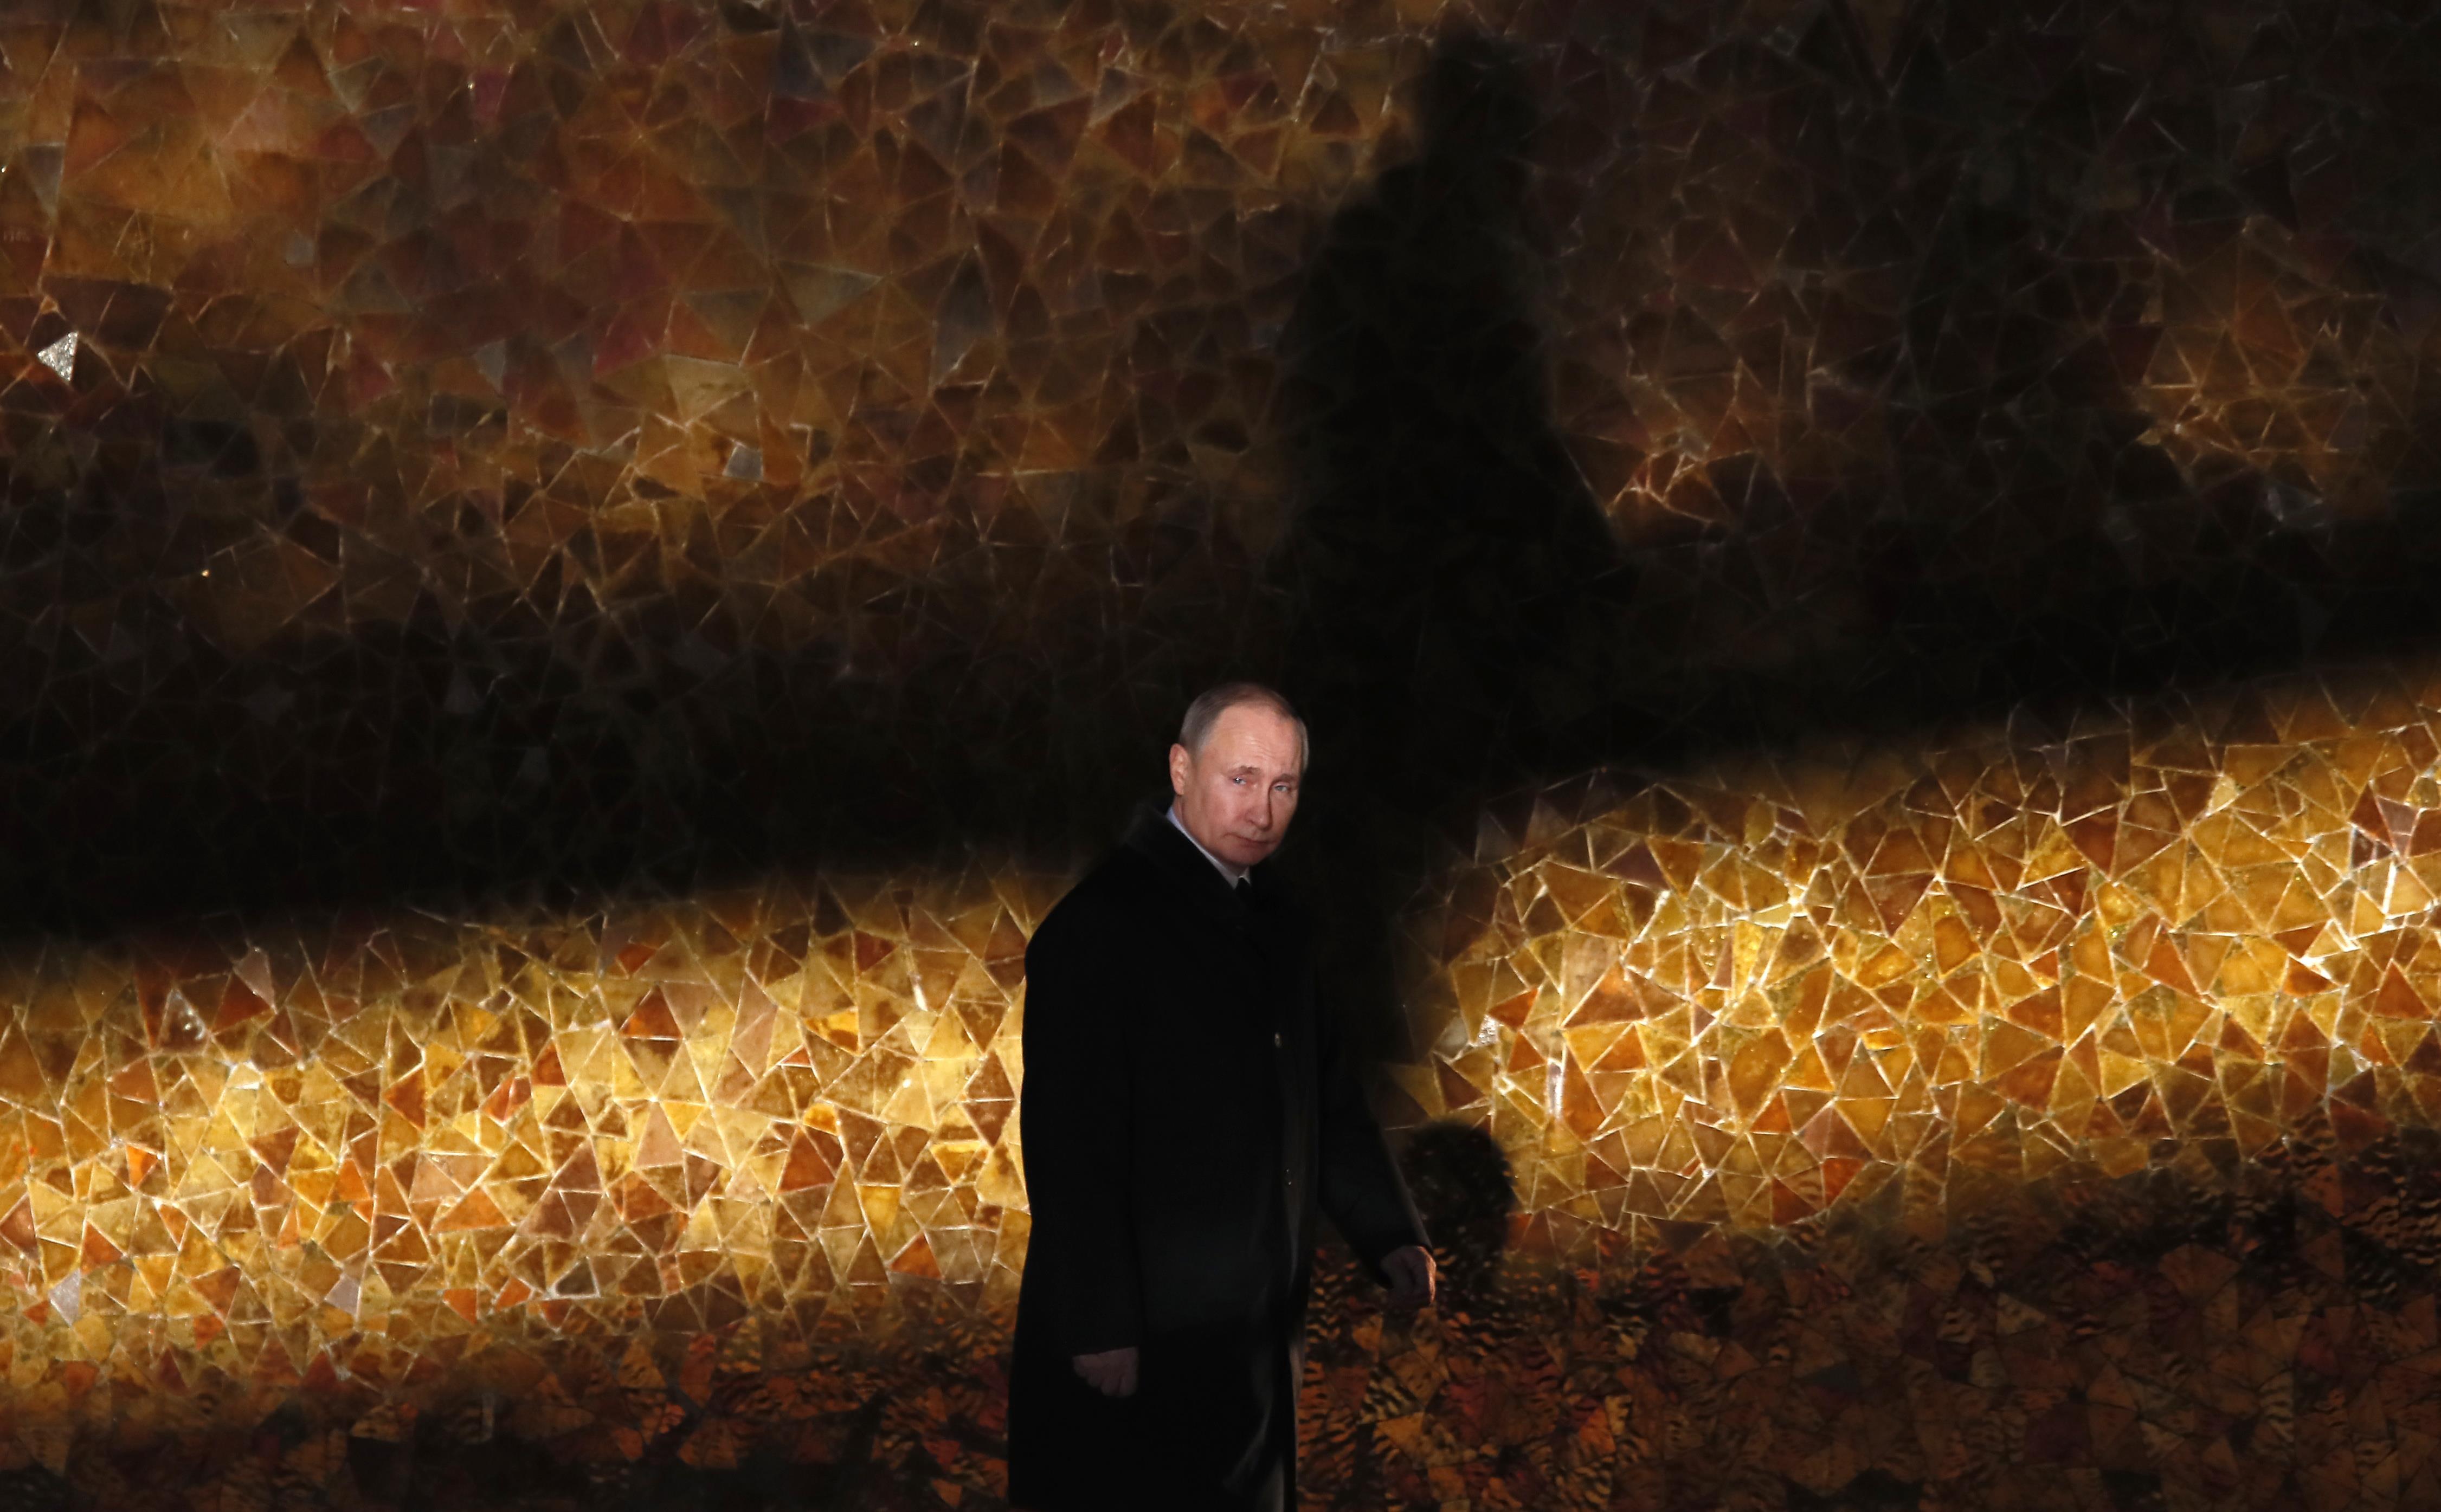 На выборах президента РФ Владимир Путин может проголосовать не в Москве